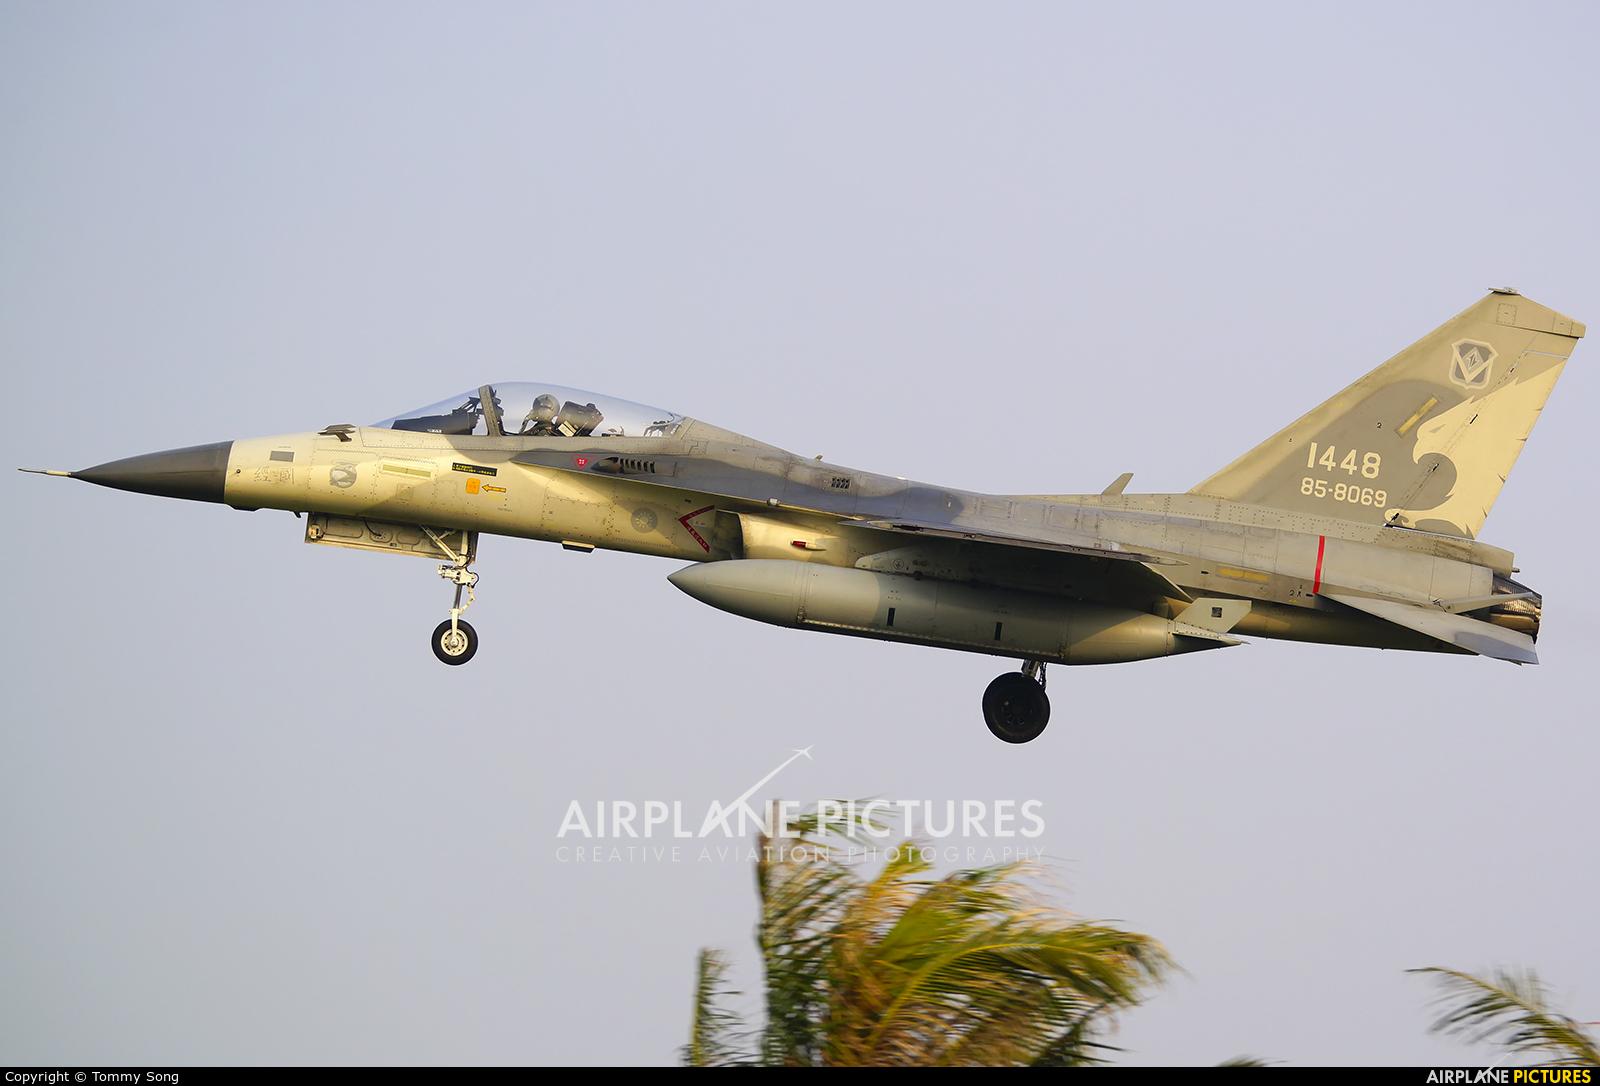 Taiwan - Air Force 1448 aircraft at Tainan Airport